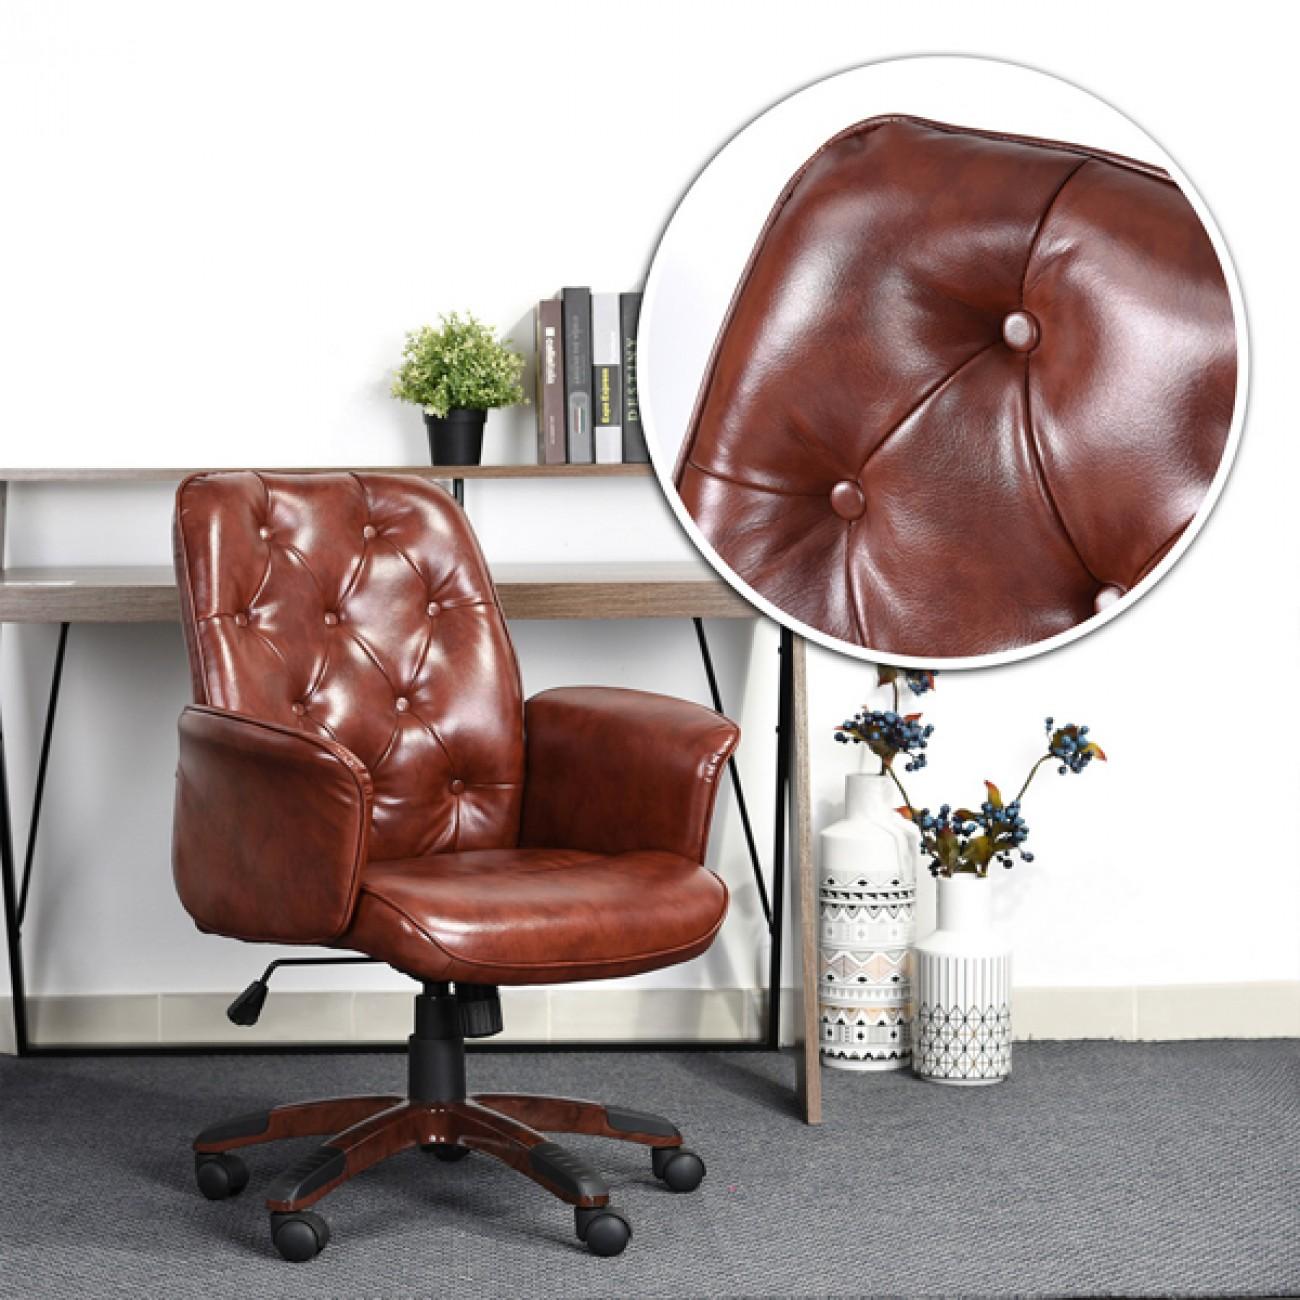 Scaun-retro-pentru-birou-blog-maro